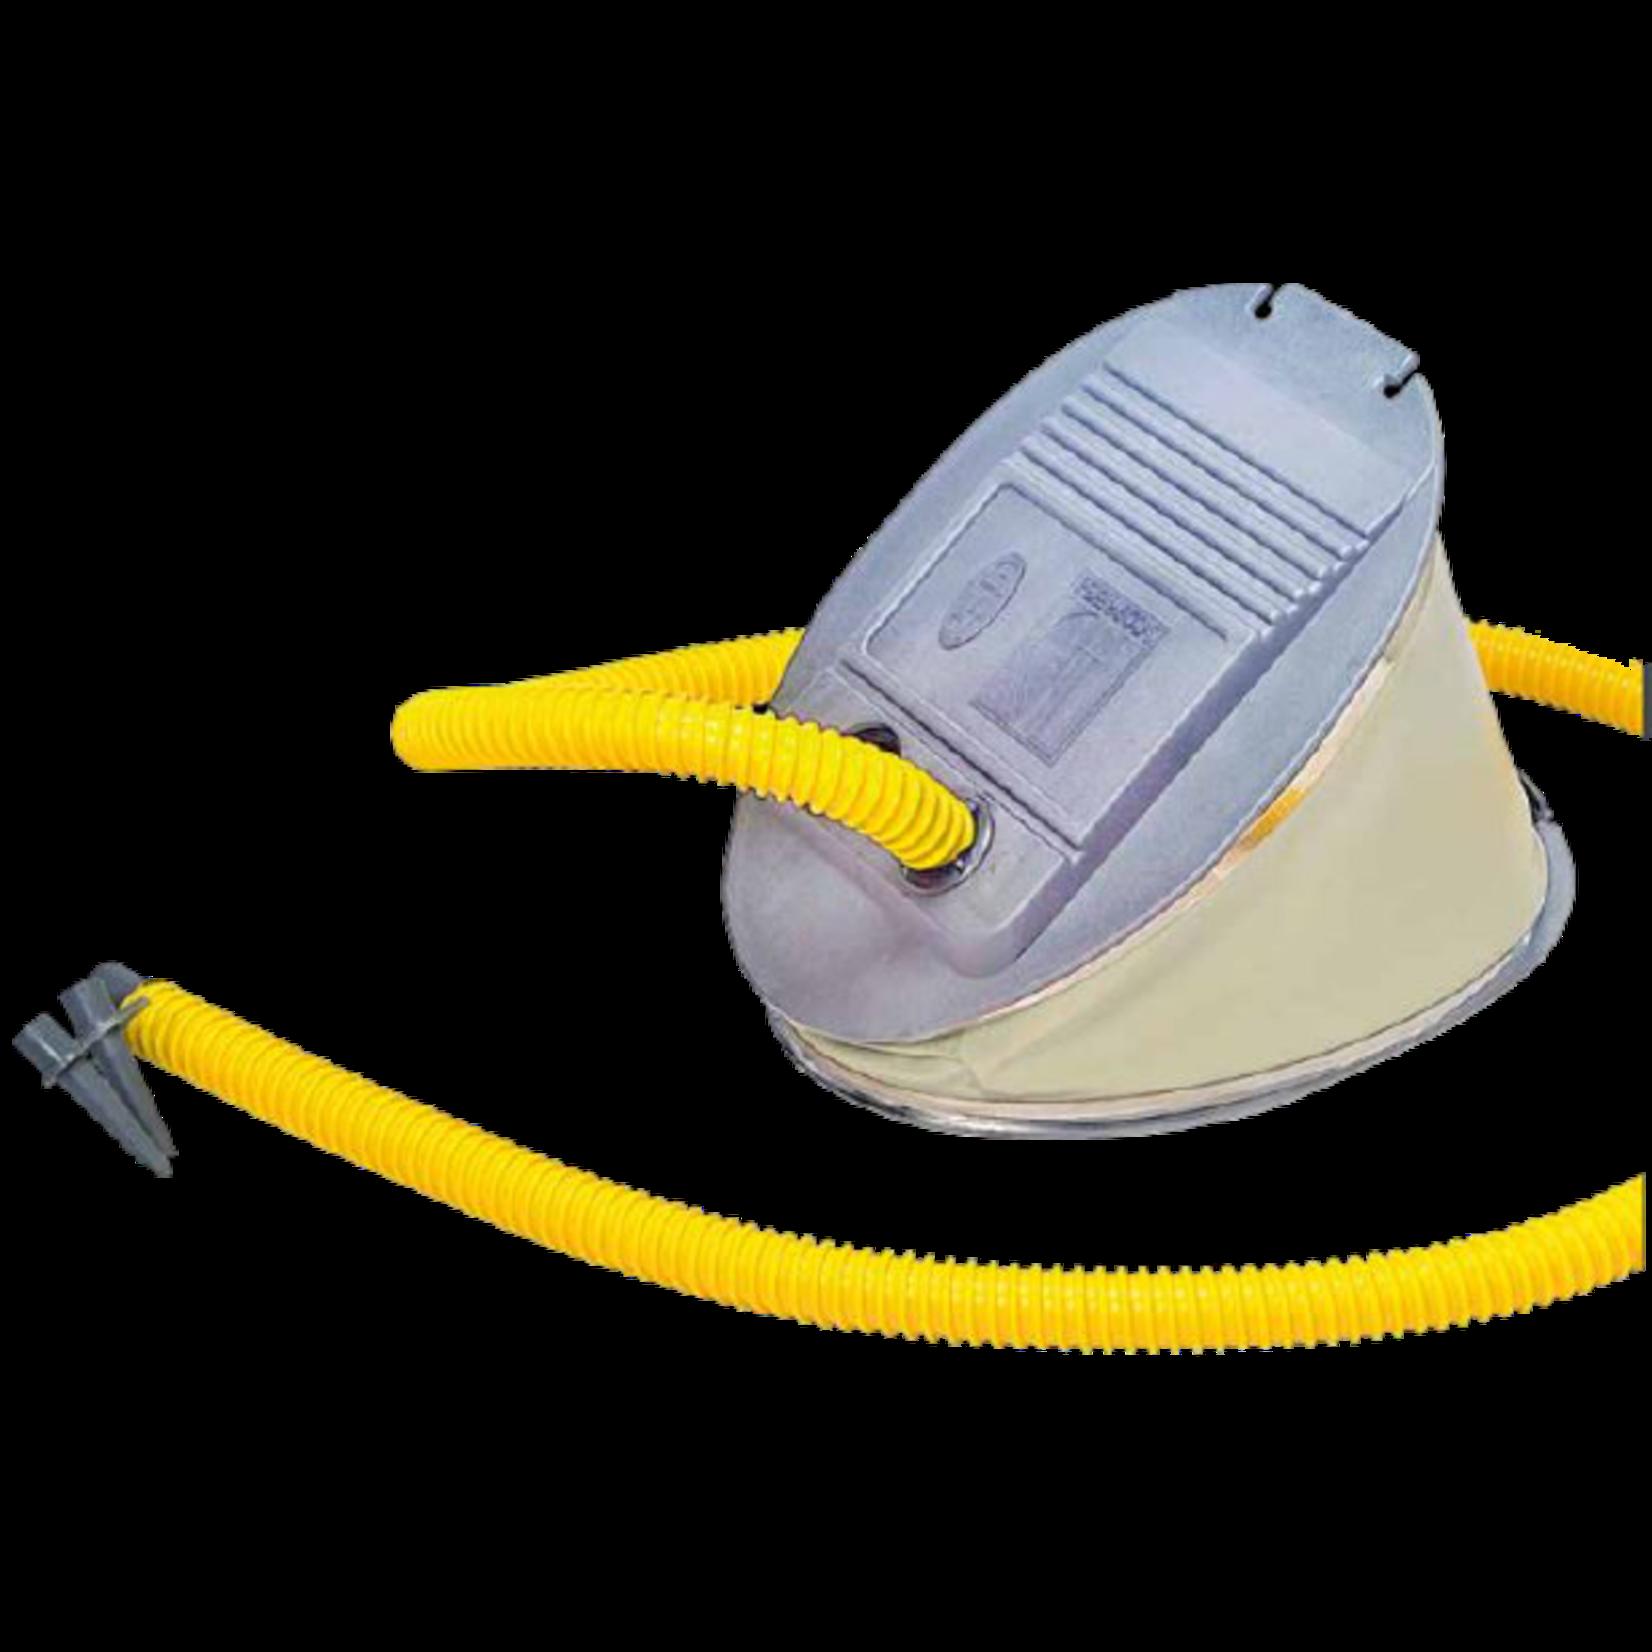 Scoprega Bravo GP 5  - voetpomp - tot 400 mbar - 5 liter